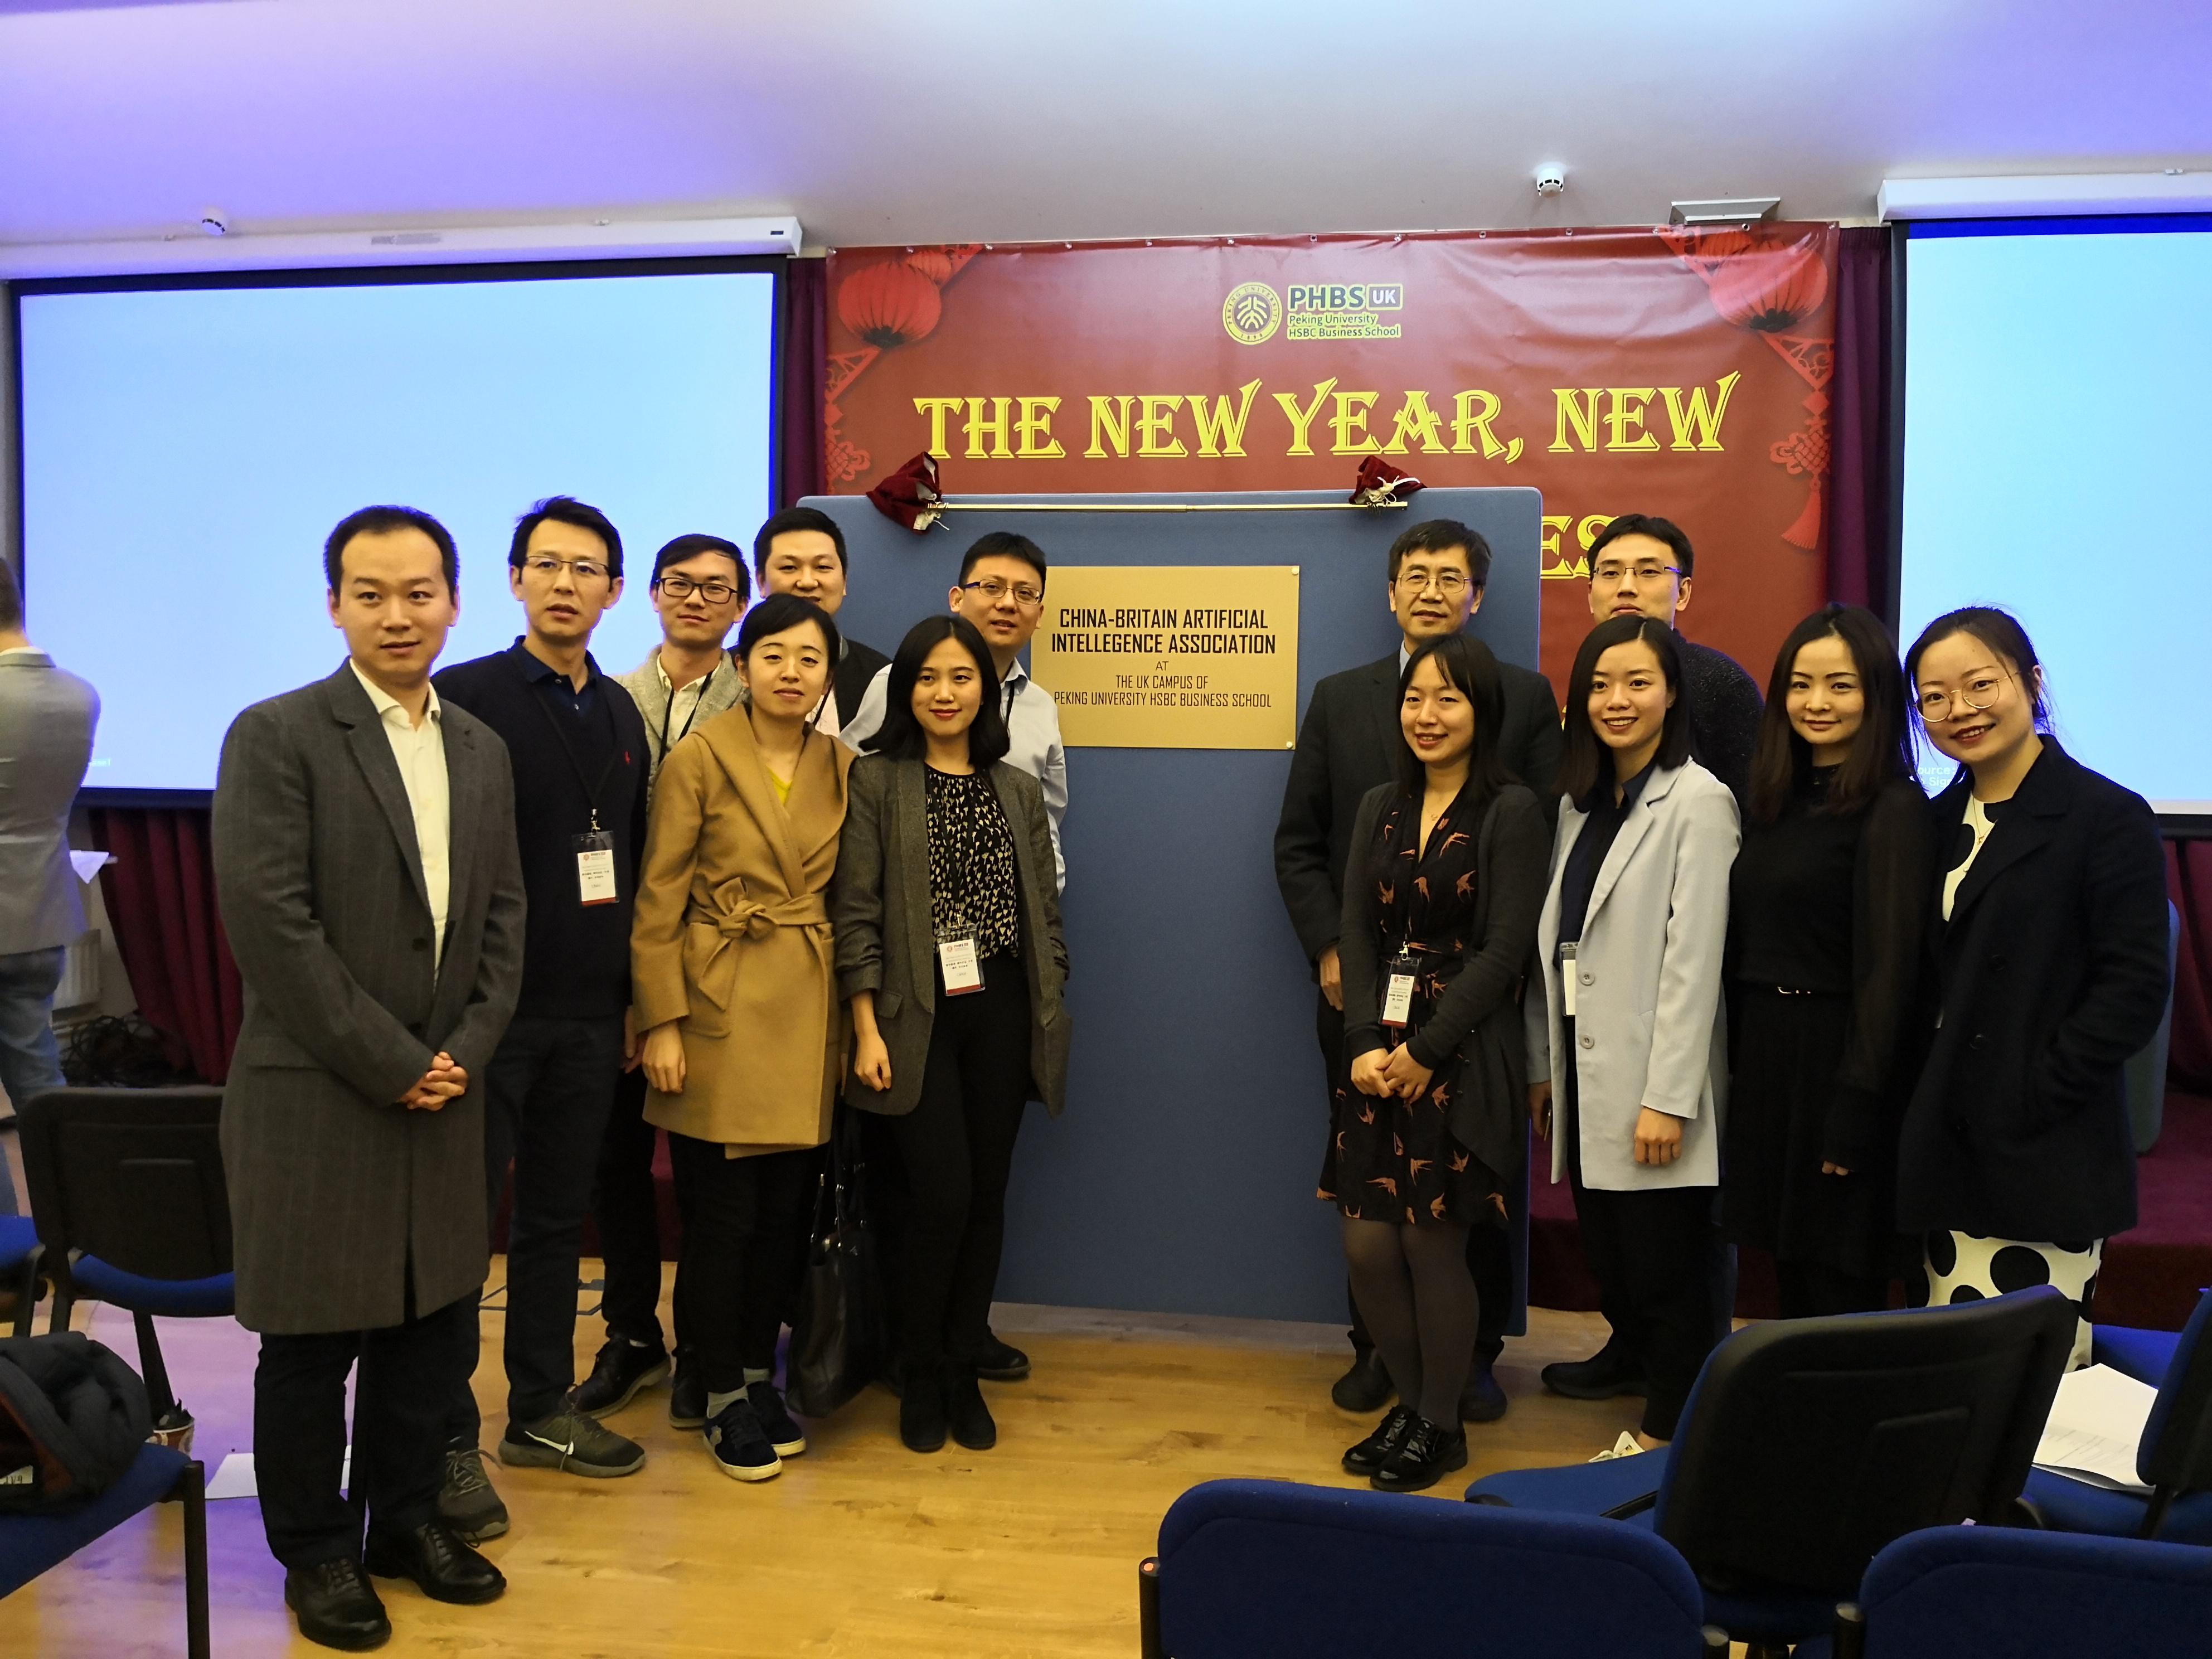 中英人工智能合作的国际化科技创新平台再上新台阶